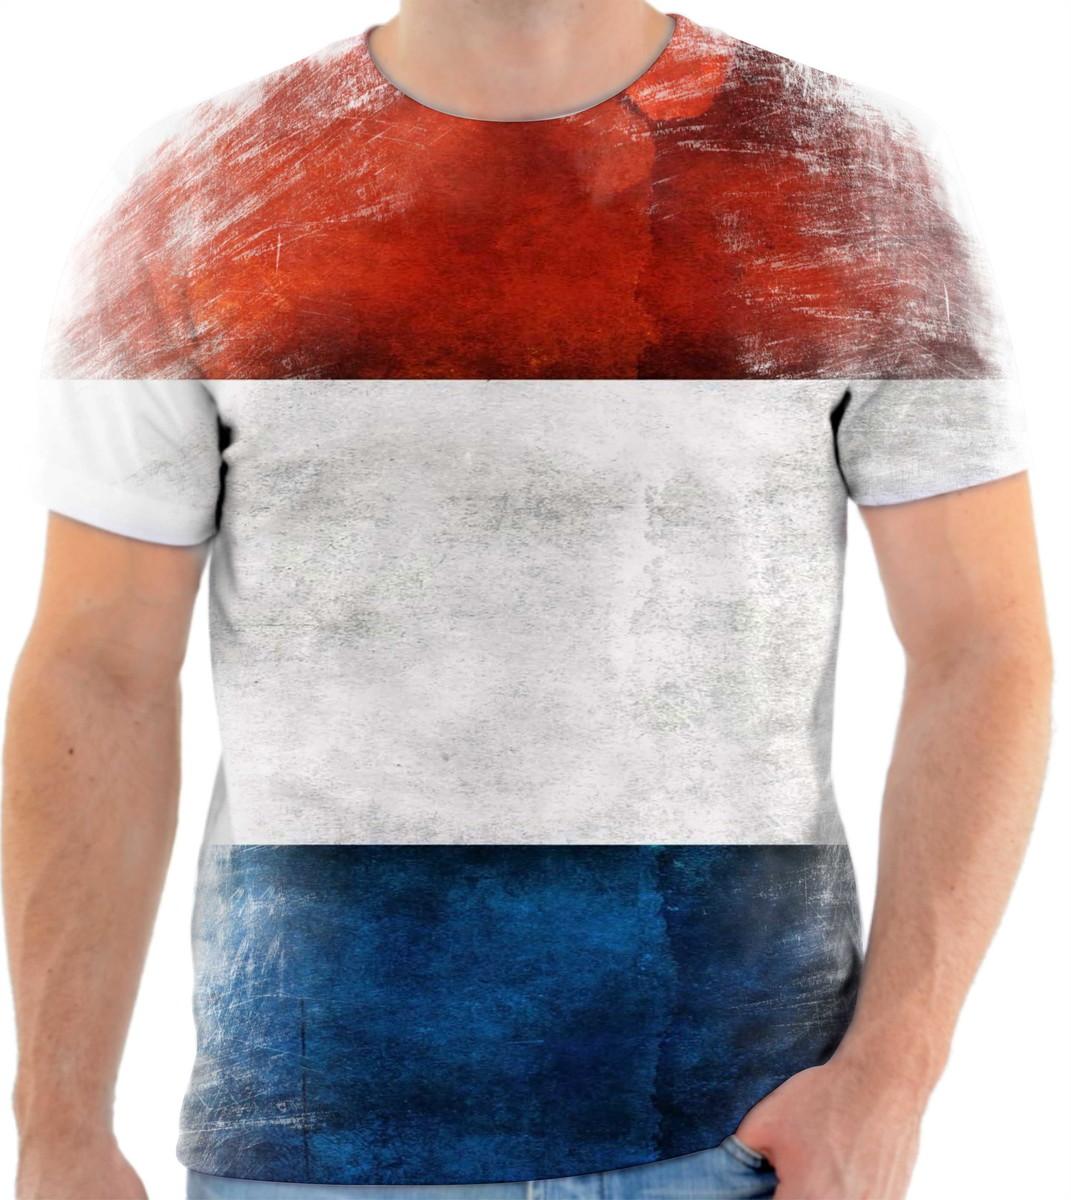 d18f86ae21 Camisa Camiseta Personalizada Bandeira Da França 1 no Elo7